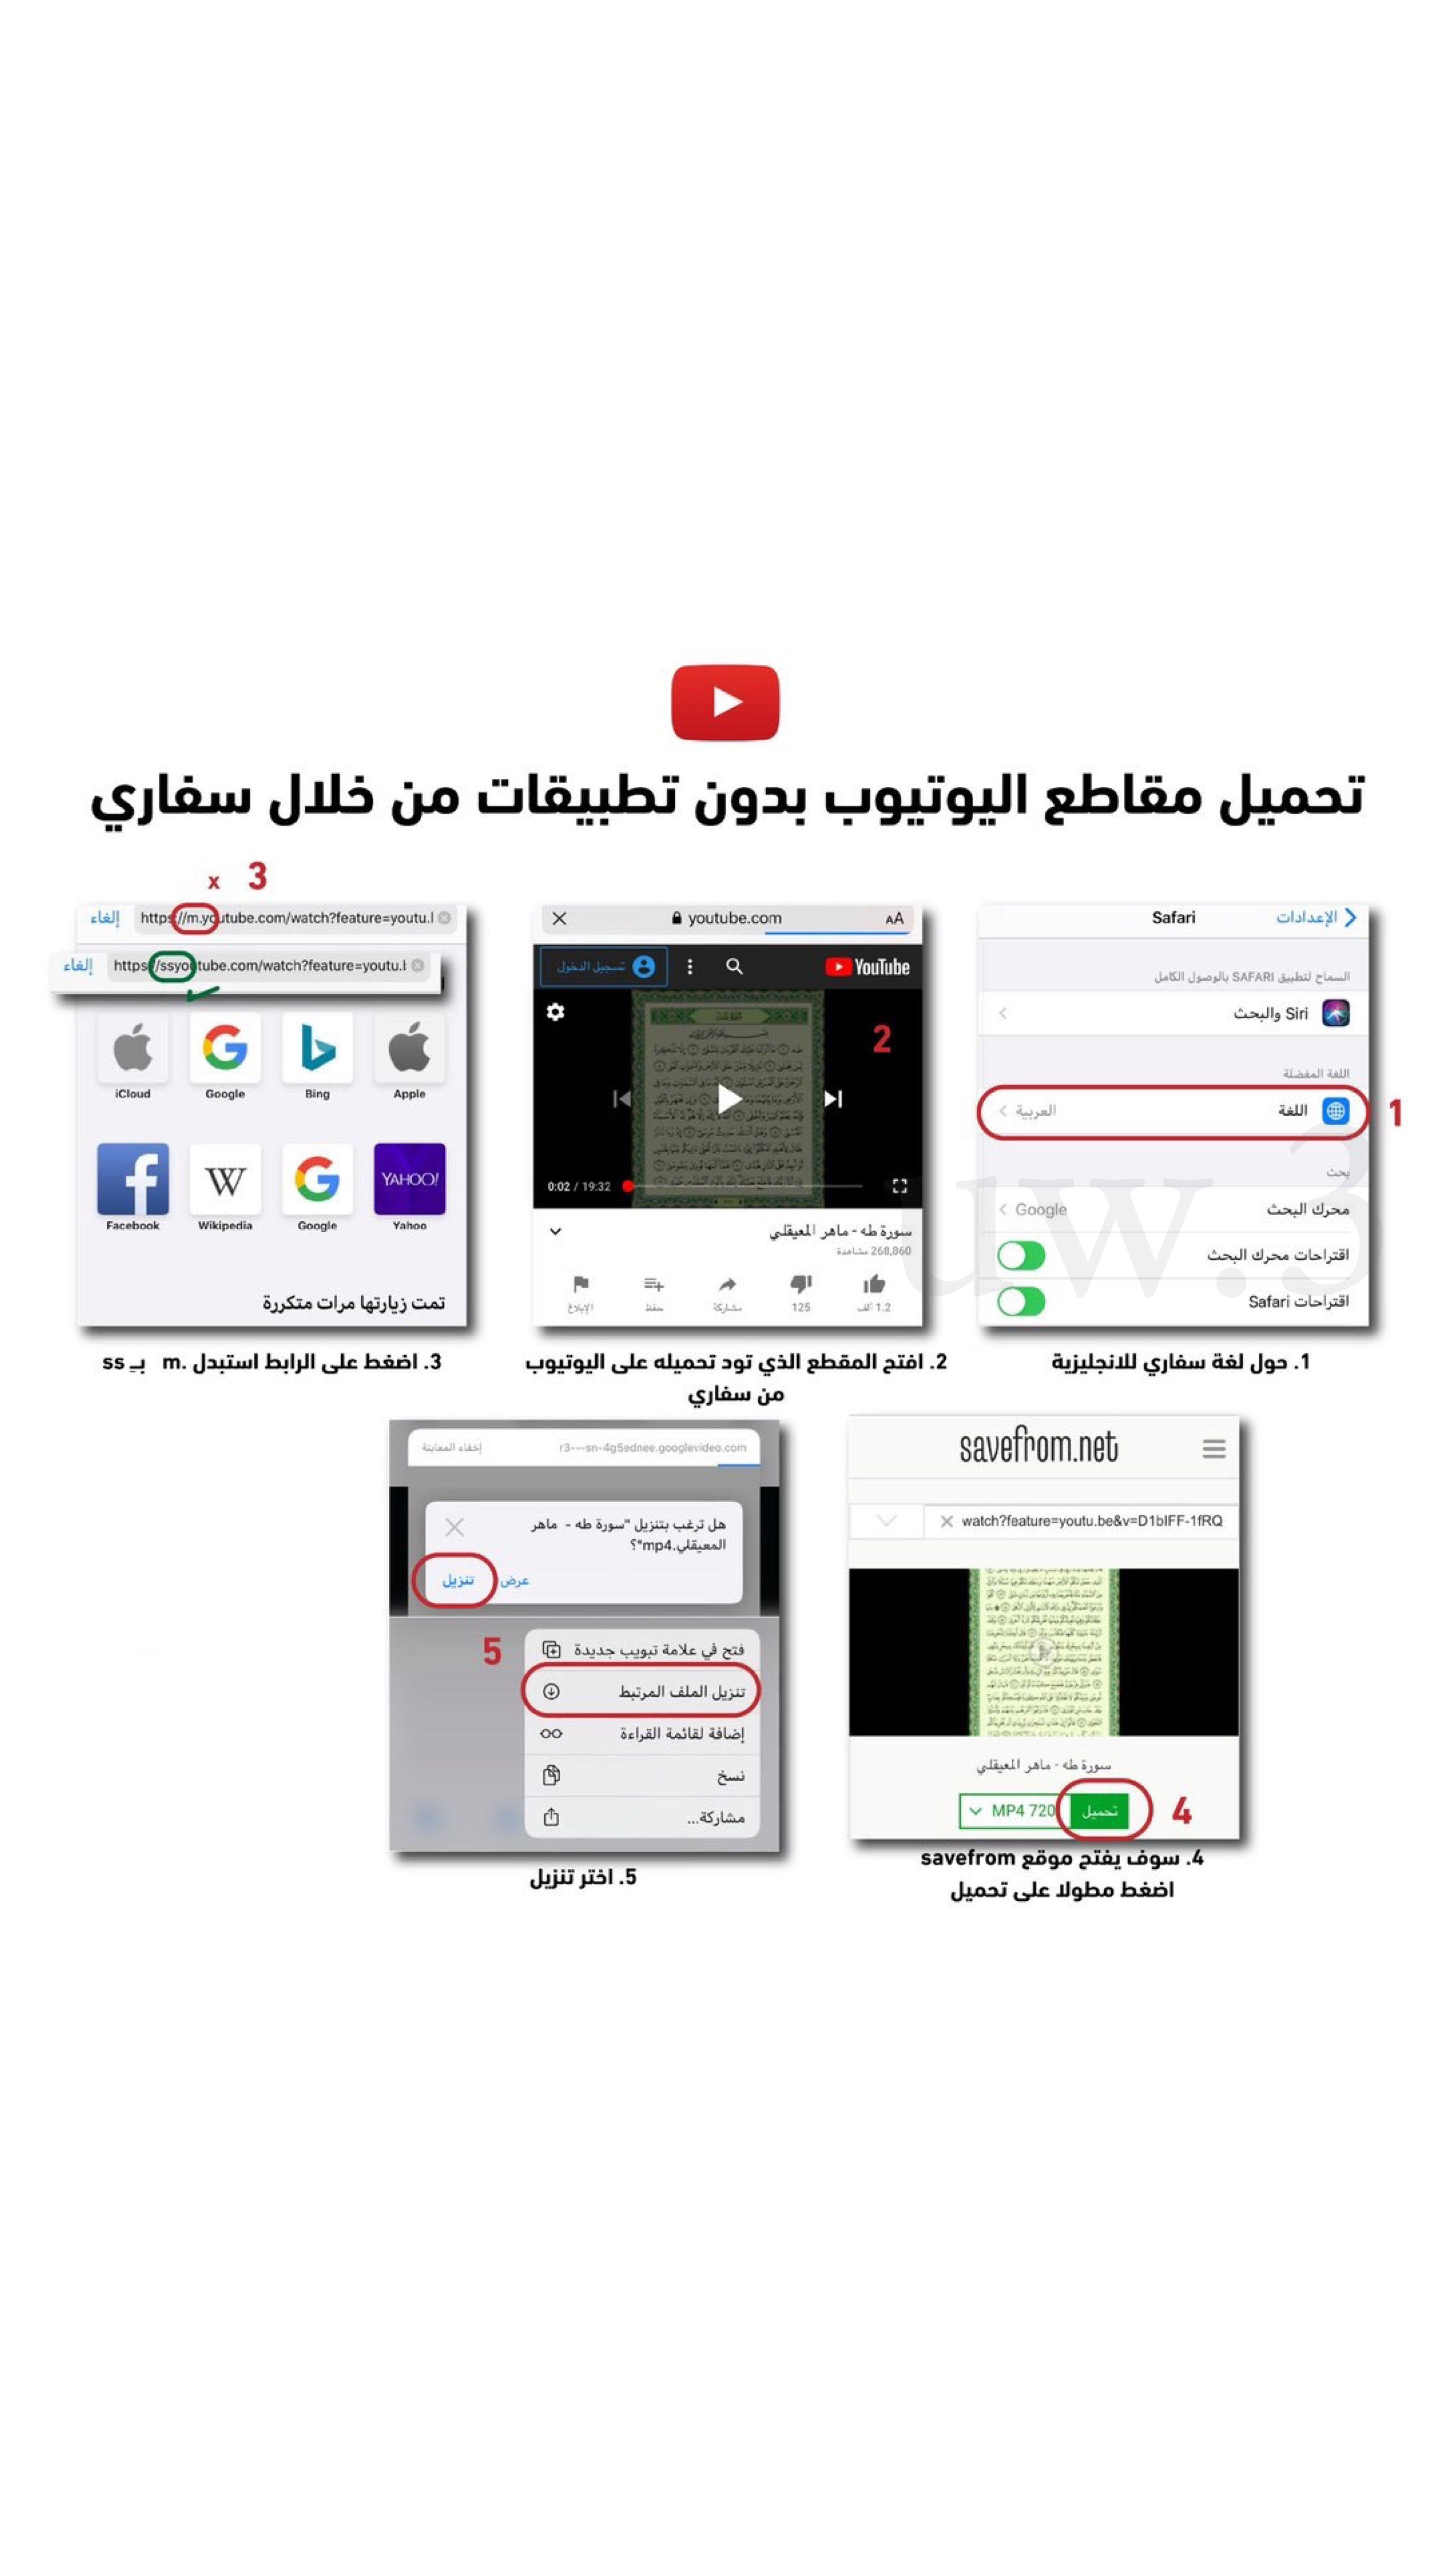 تحميل مقاطع اليوتيوب بدون تطبيقات من خلال سفاري Instagram Youtube Safari